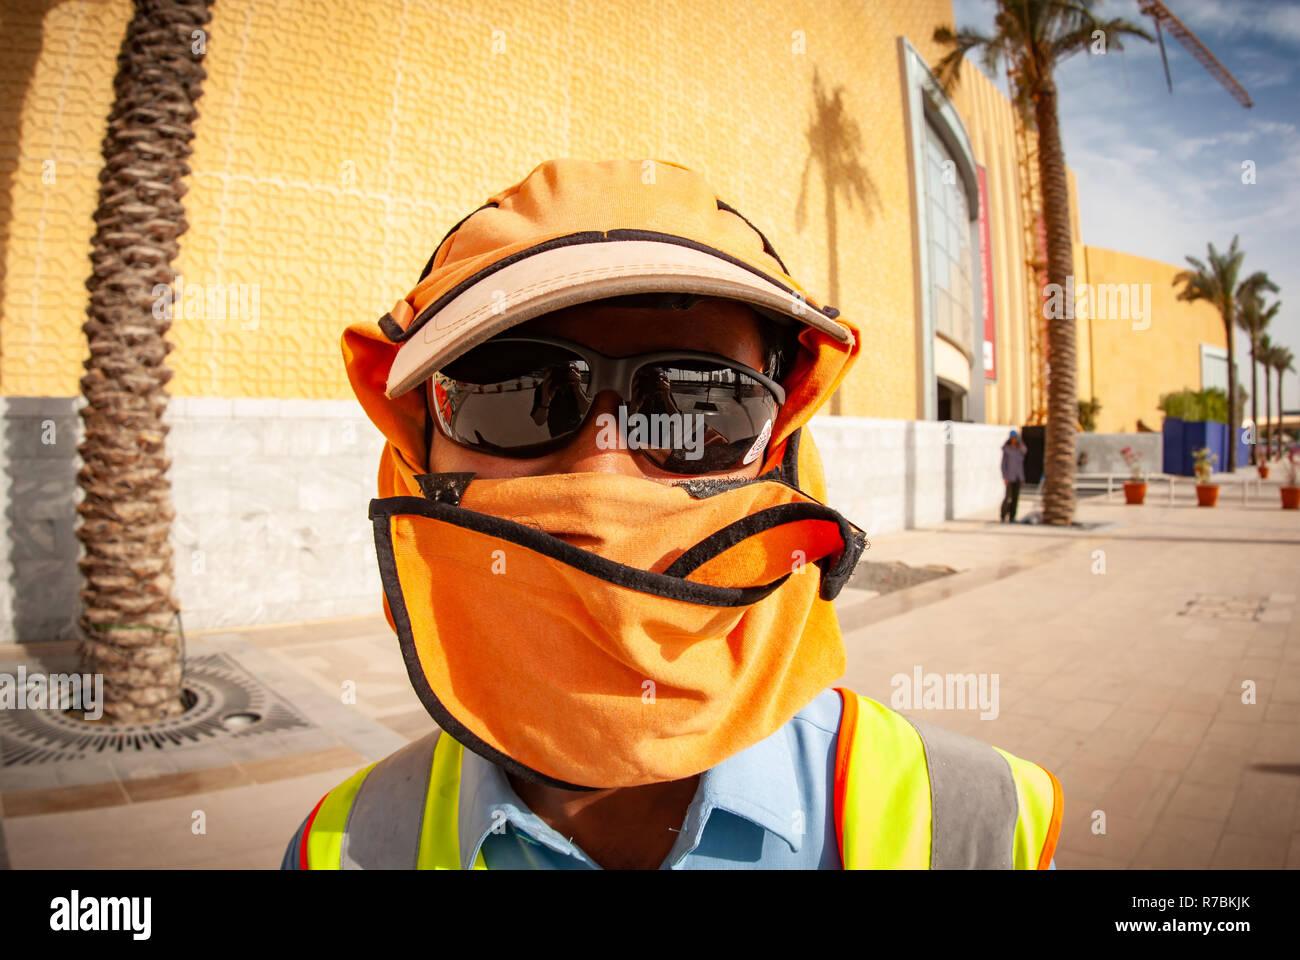 e7a724becd Trabajador con gafas de sol con sombreros y que cubre la cabeza en un sitio  de construcción en Dubai, Emiratos Árabes Unidos